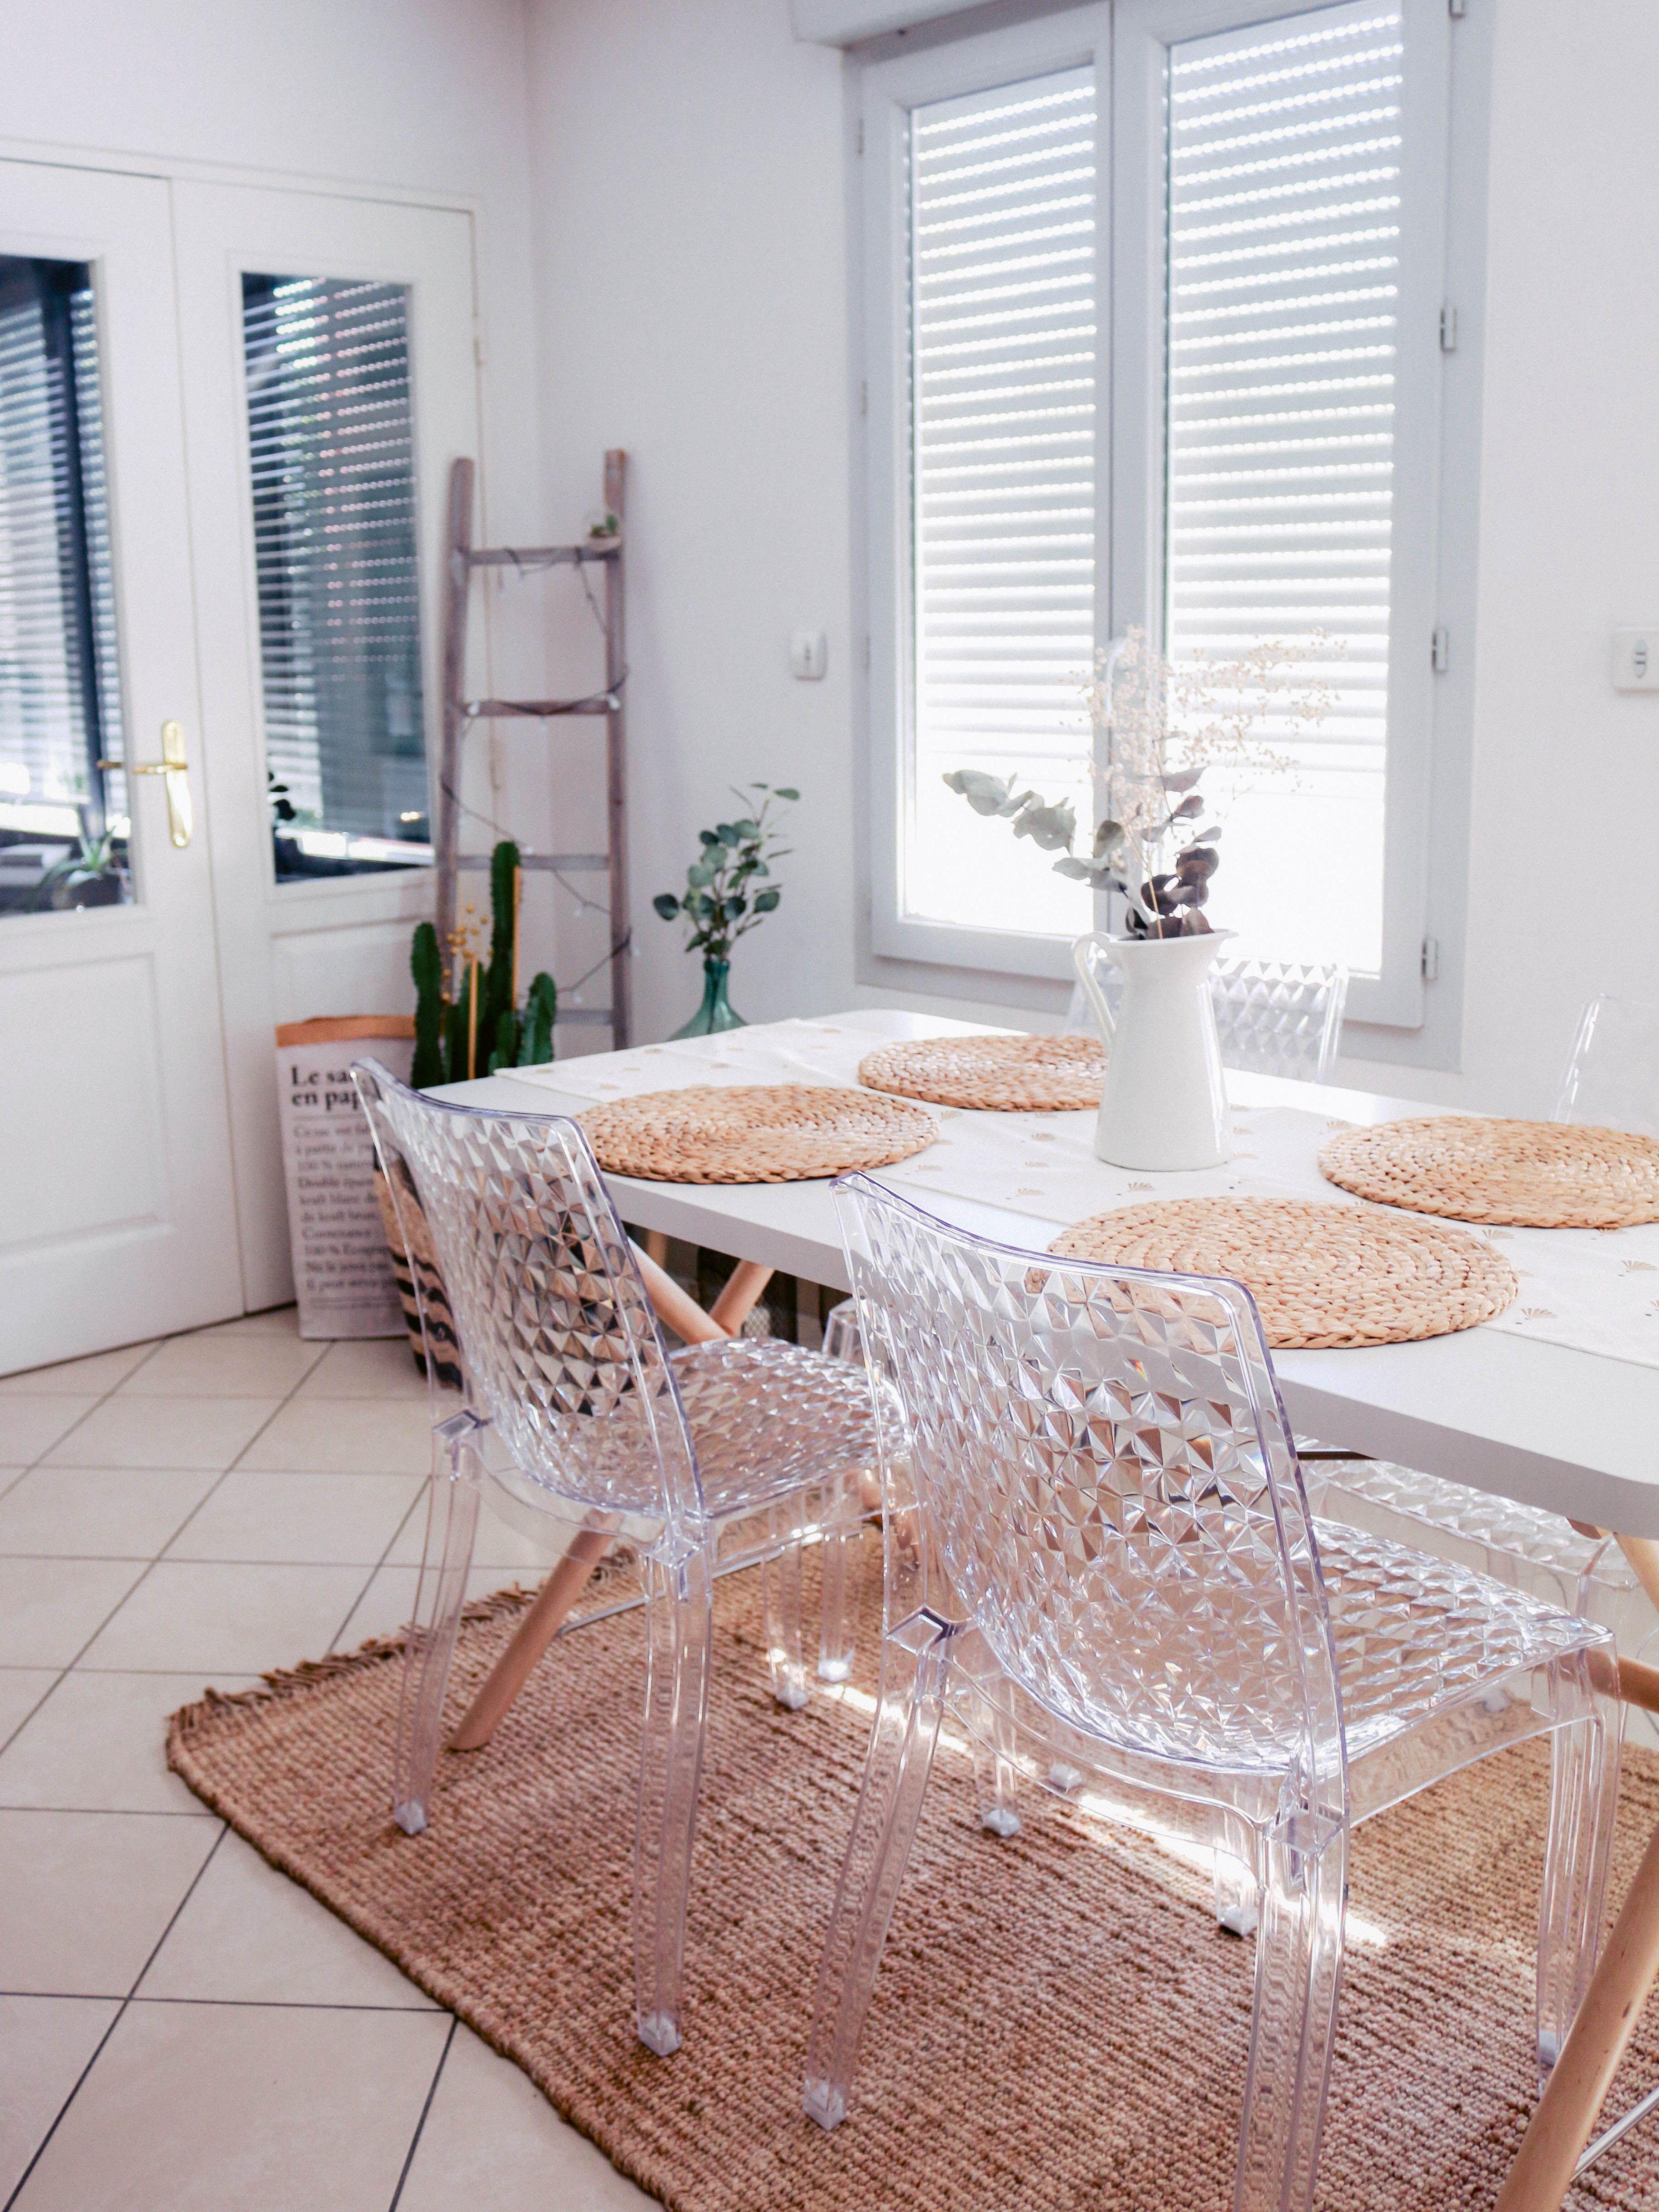 Table De Salle A Manger Blanche En Bois In 2020 Home Decor Home Decor